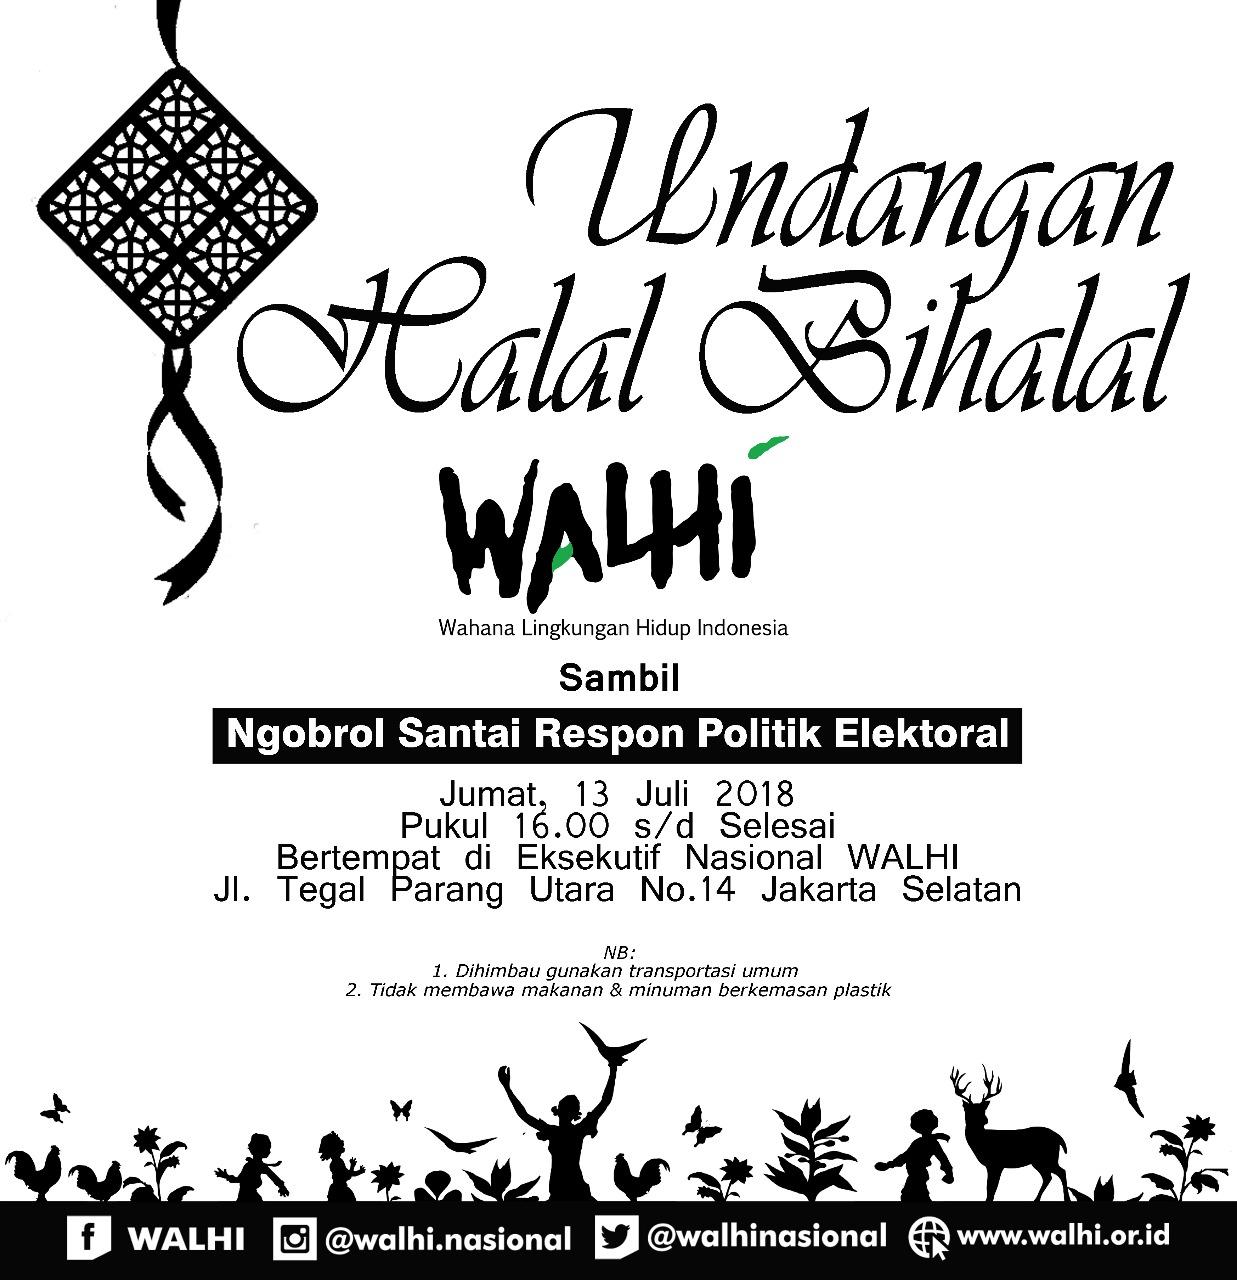 Halal Bihalal Walhi